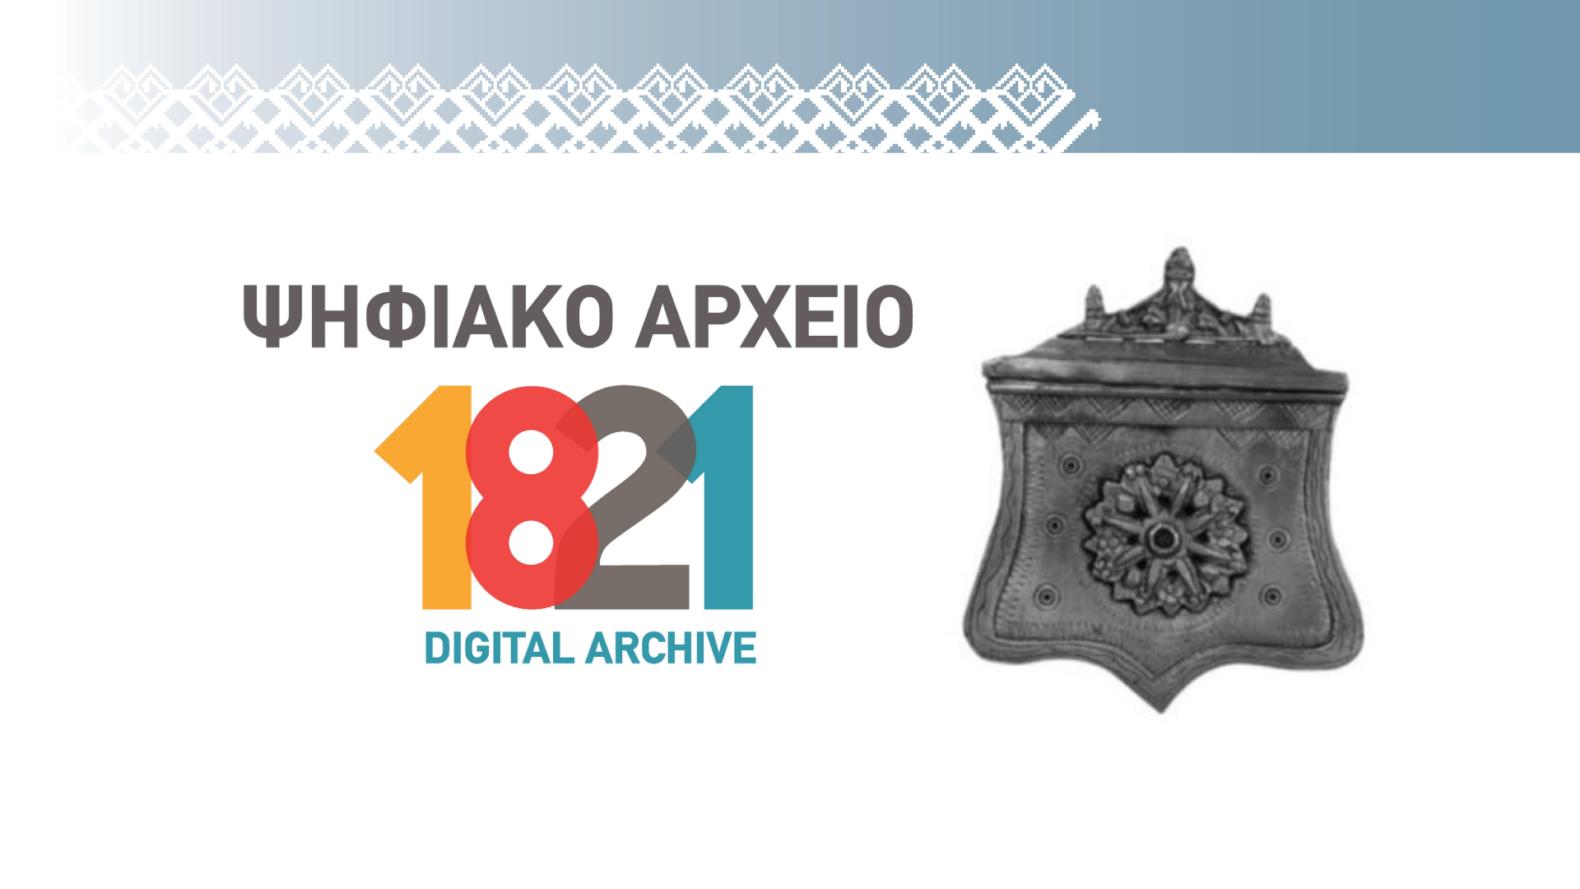 Η Ελληνική Επανάσταση του 1821: Ψηφιακό Αρχείο